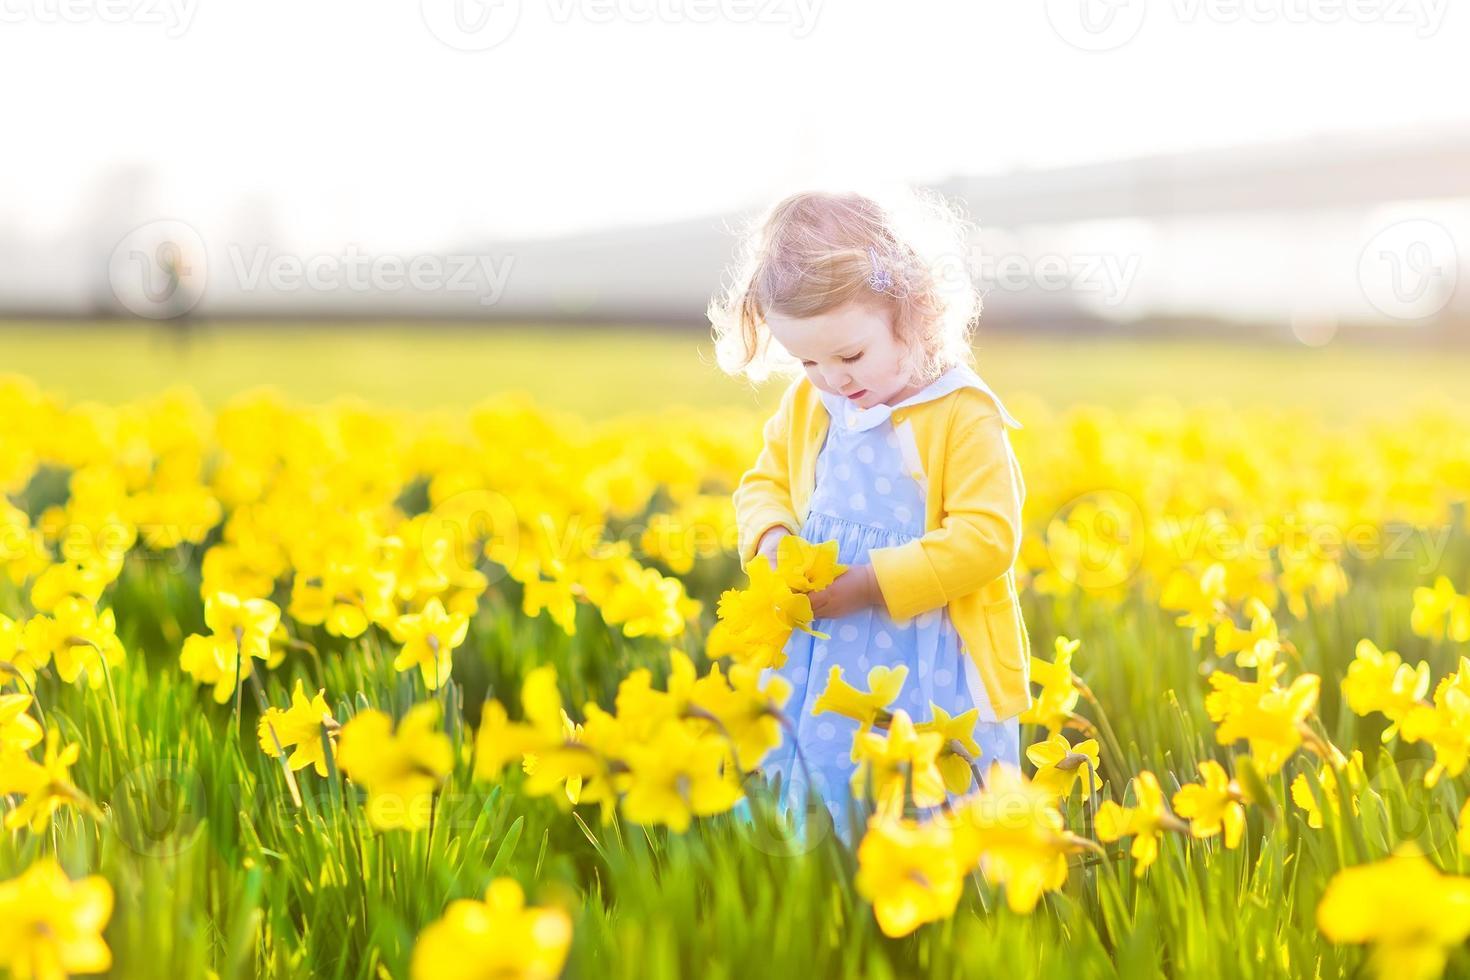 linda niña pequeña en vestido azul jugando en el campo de flores foto